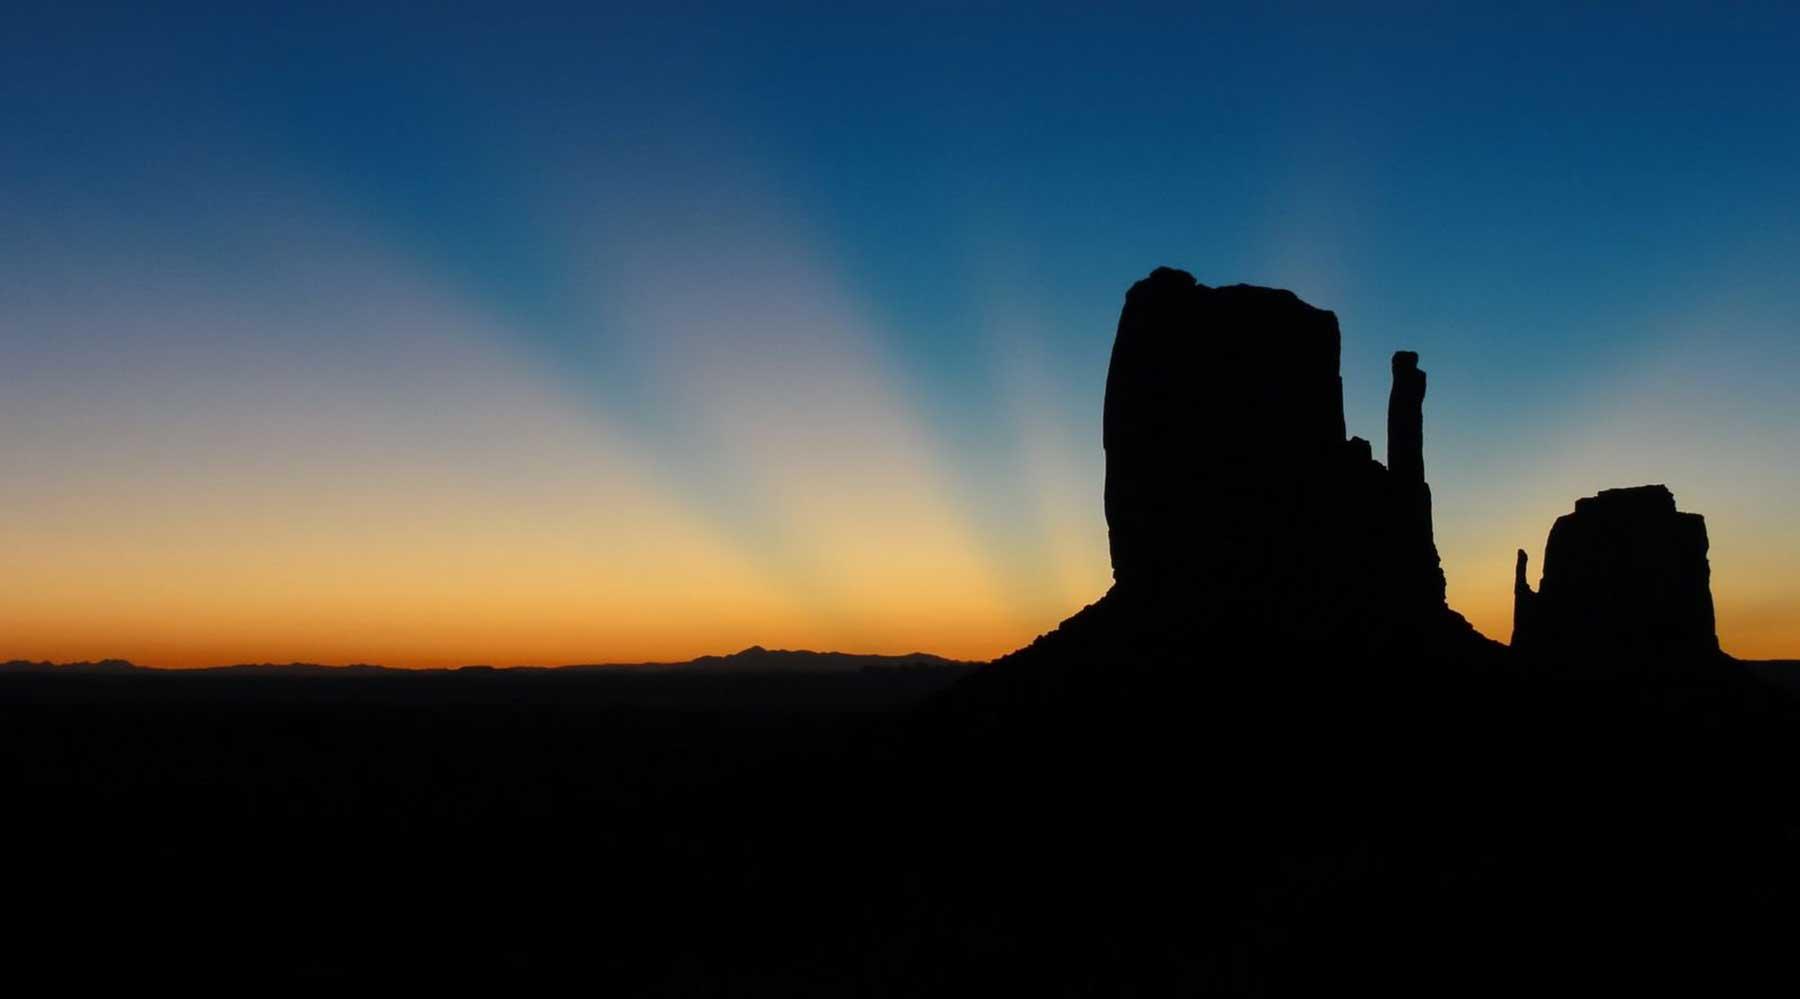 Monument-Valley-Grands parcs de l'ouest en hiver, zion, grand canyon, bryce canyon, monument vallée, monument valley, las vegas, chinook voyage, aventure, randonnée